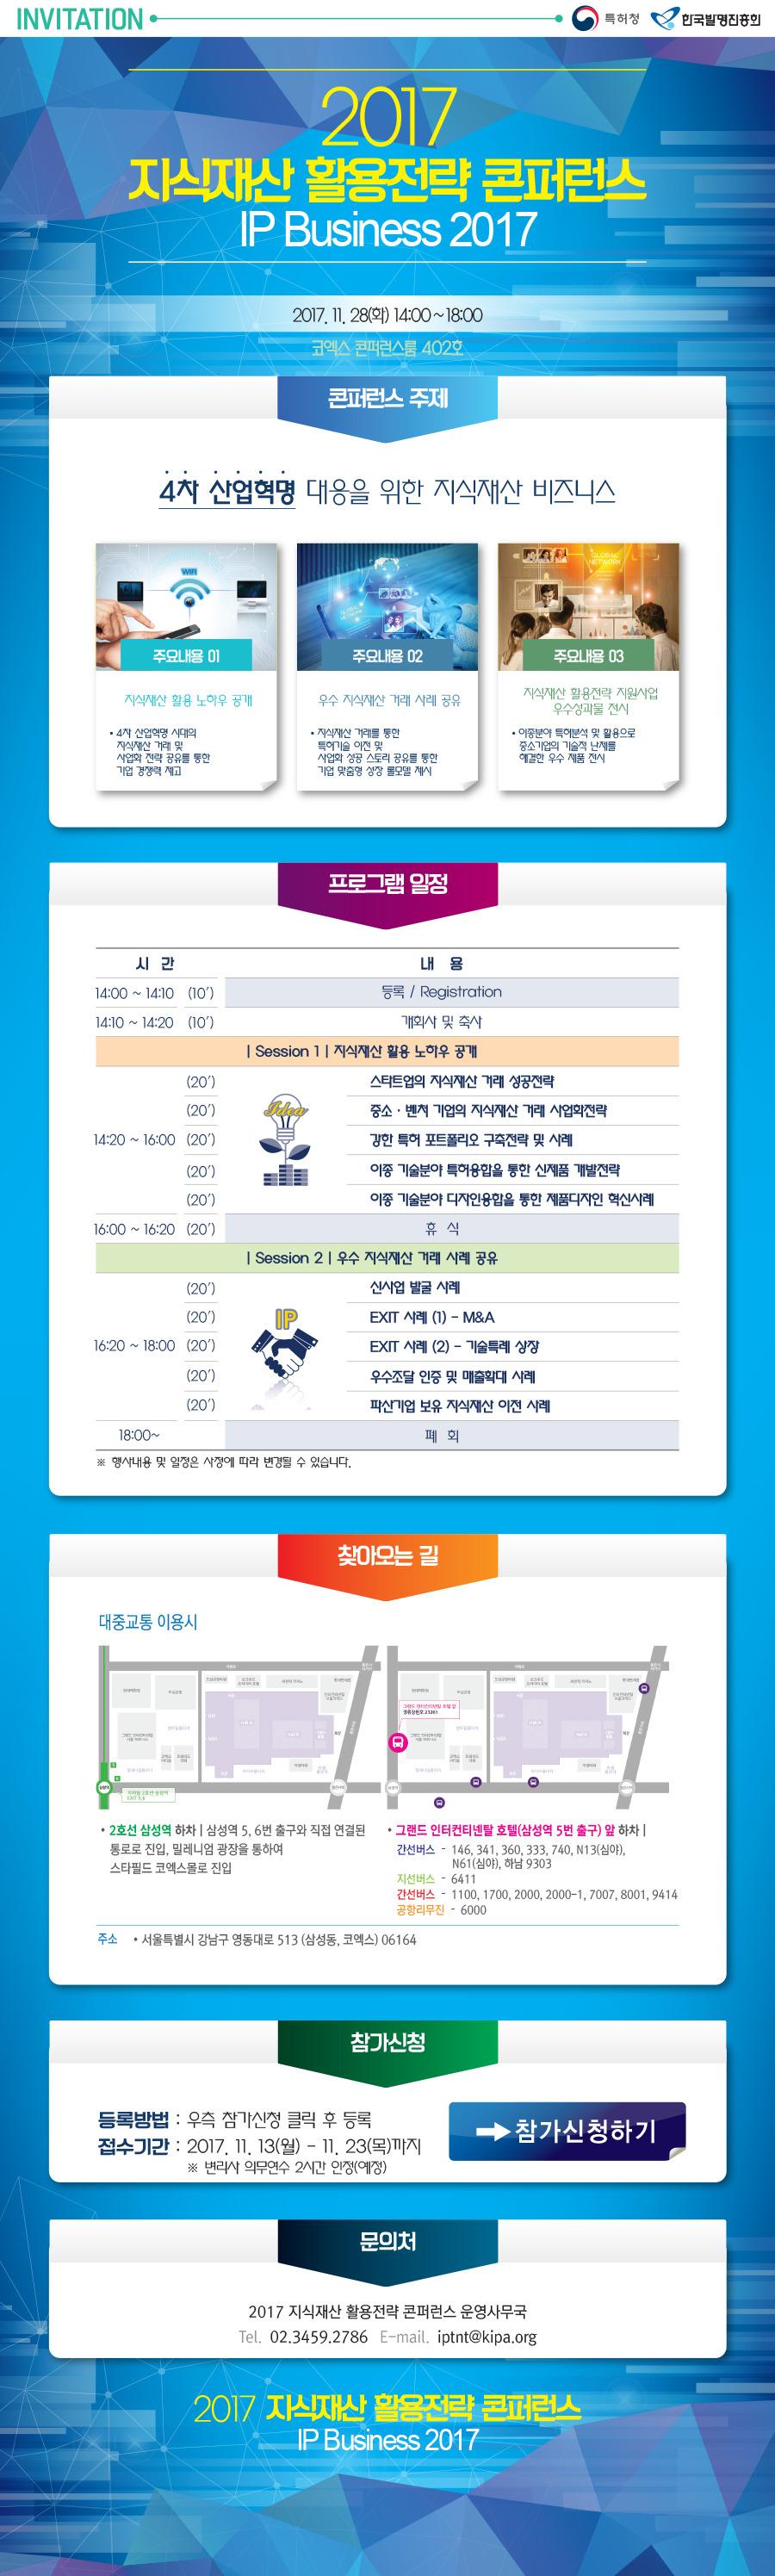 2017 지식재산 활용전략 콘퍼런스 참여신청안내(11. 23일까지 신청가능)